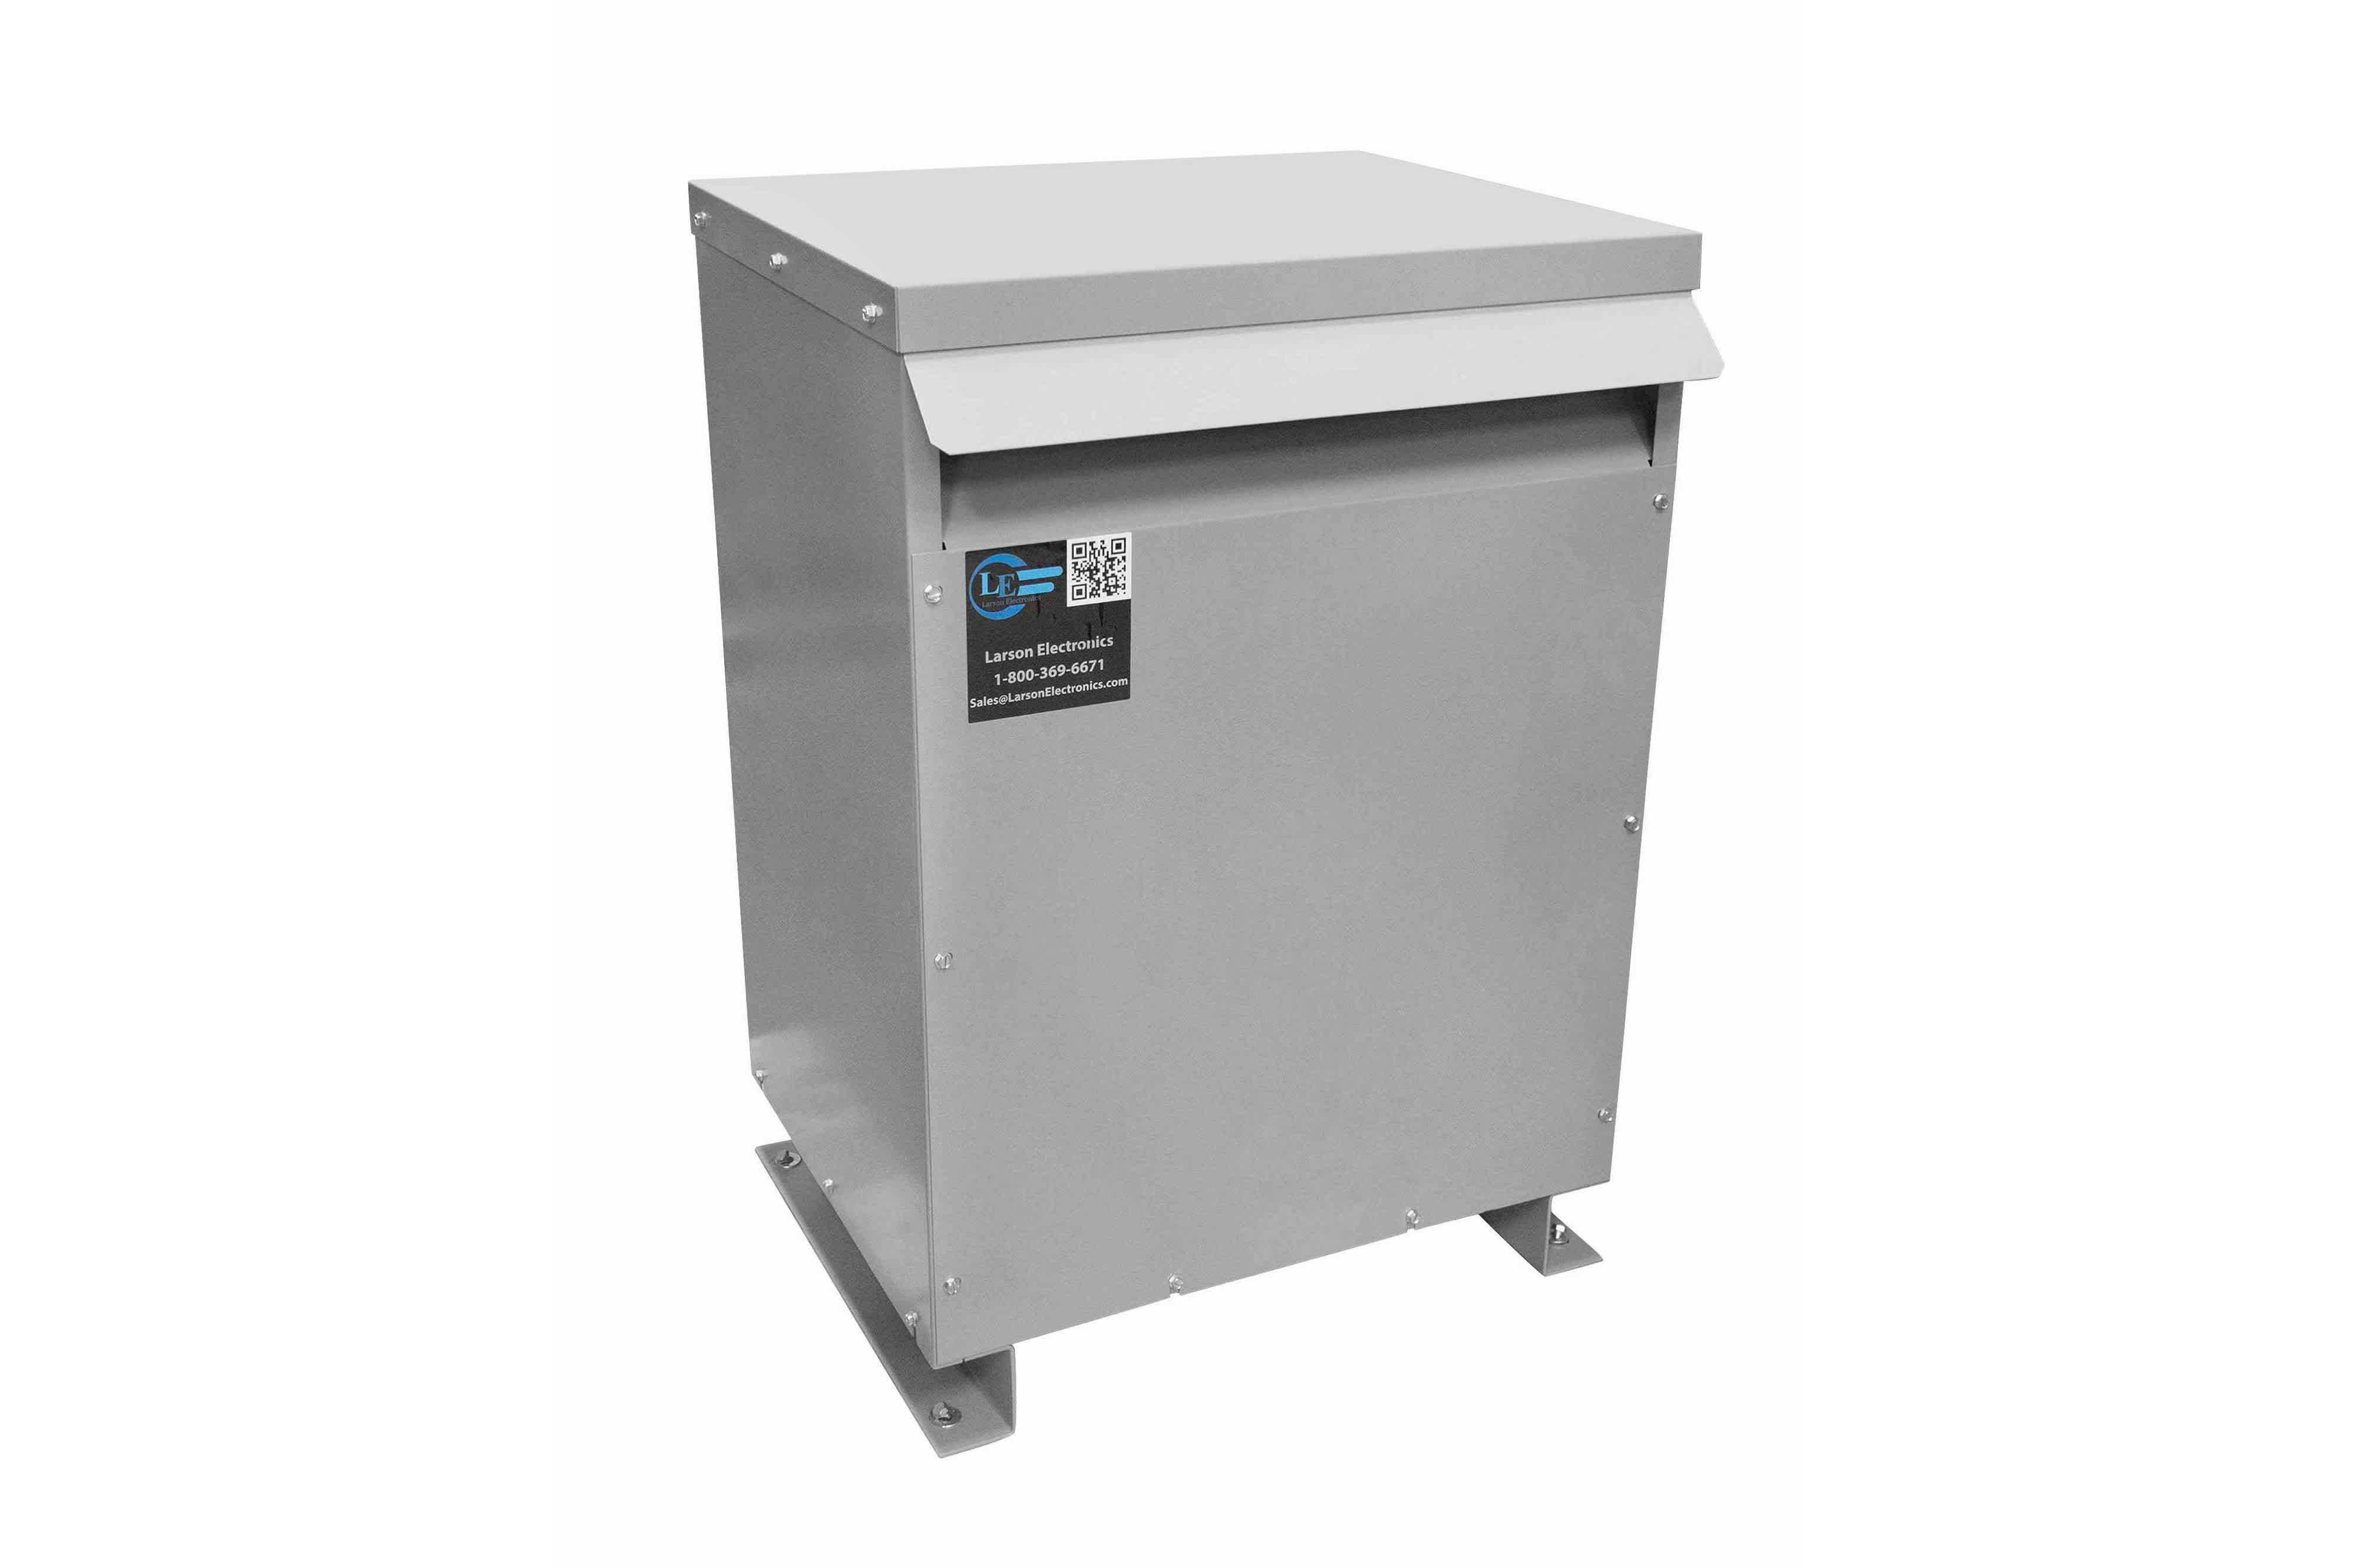 175 kVA 3PH Isolation Transformer, 240V Delta Primary, 380V Delta Secondary, N3R, Ventilated, 60 Hz